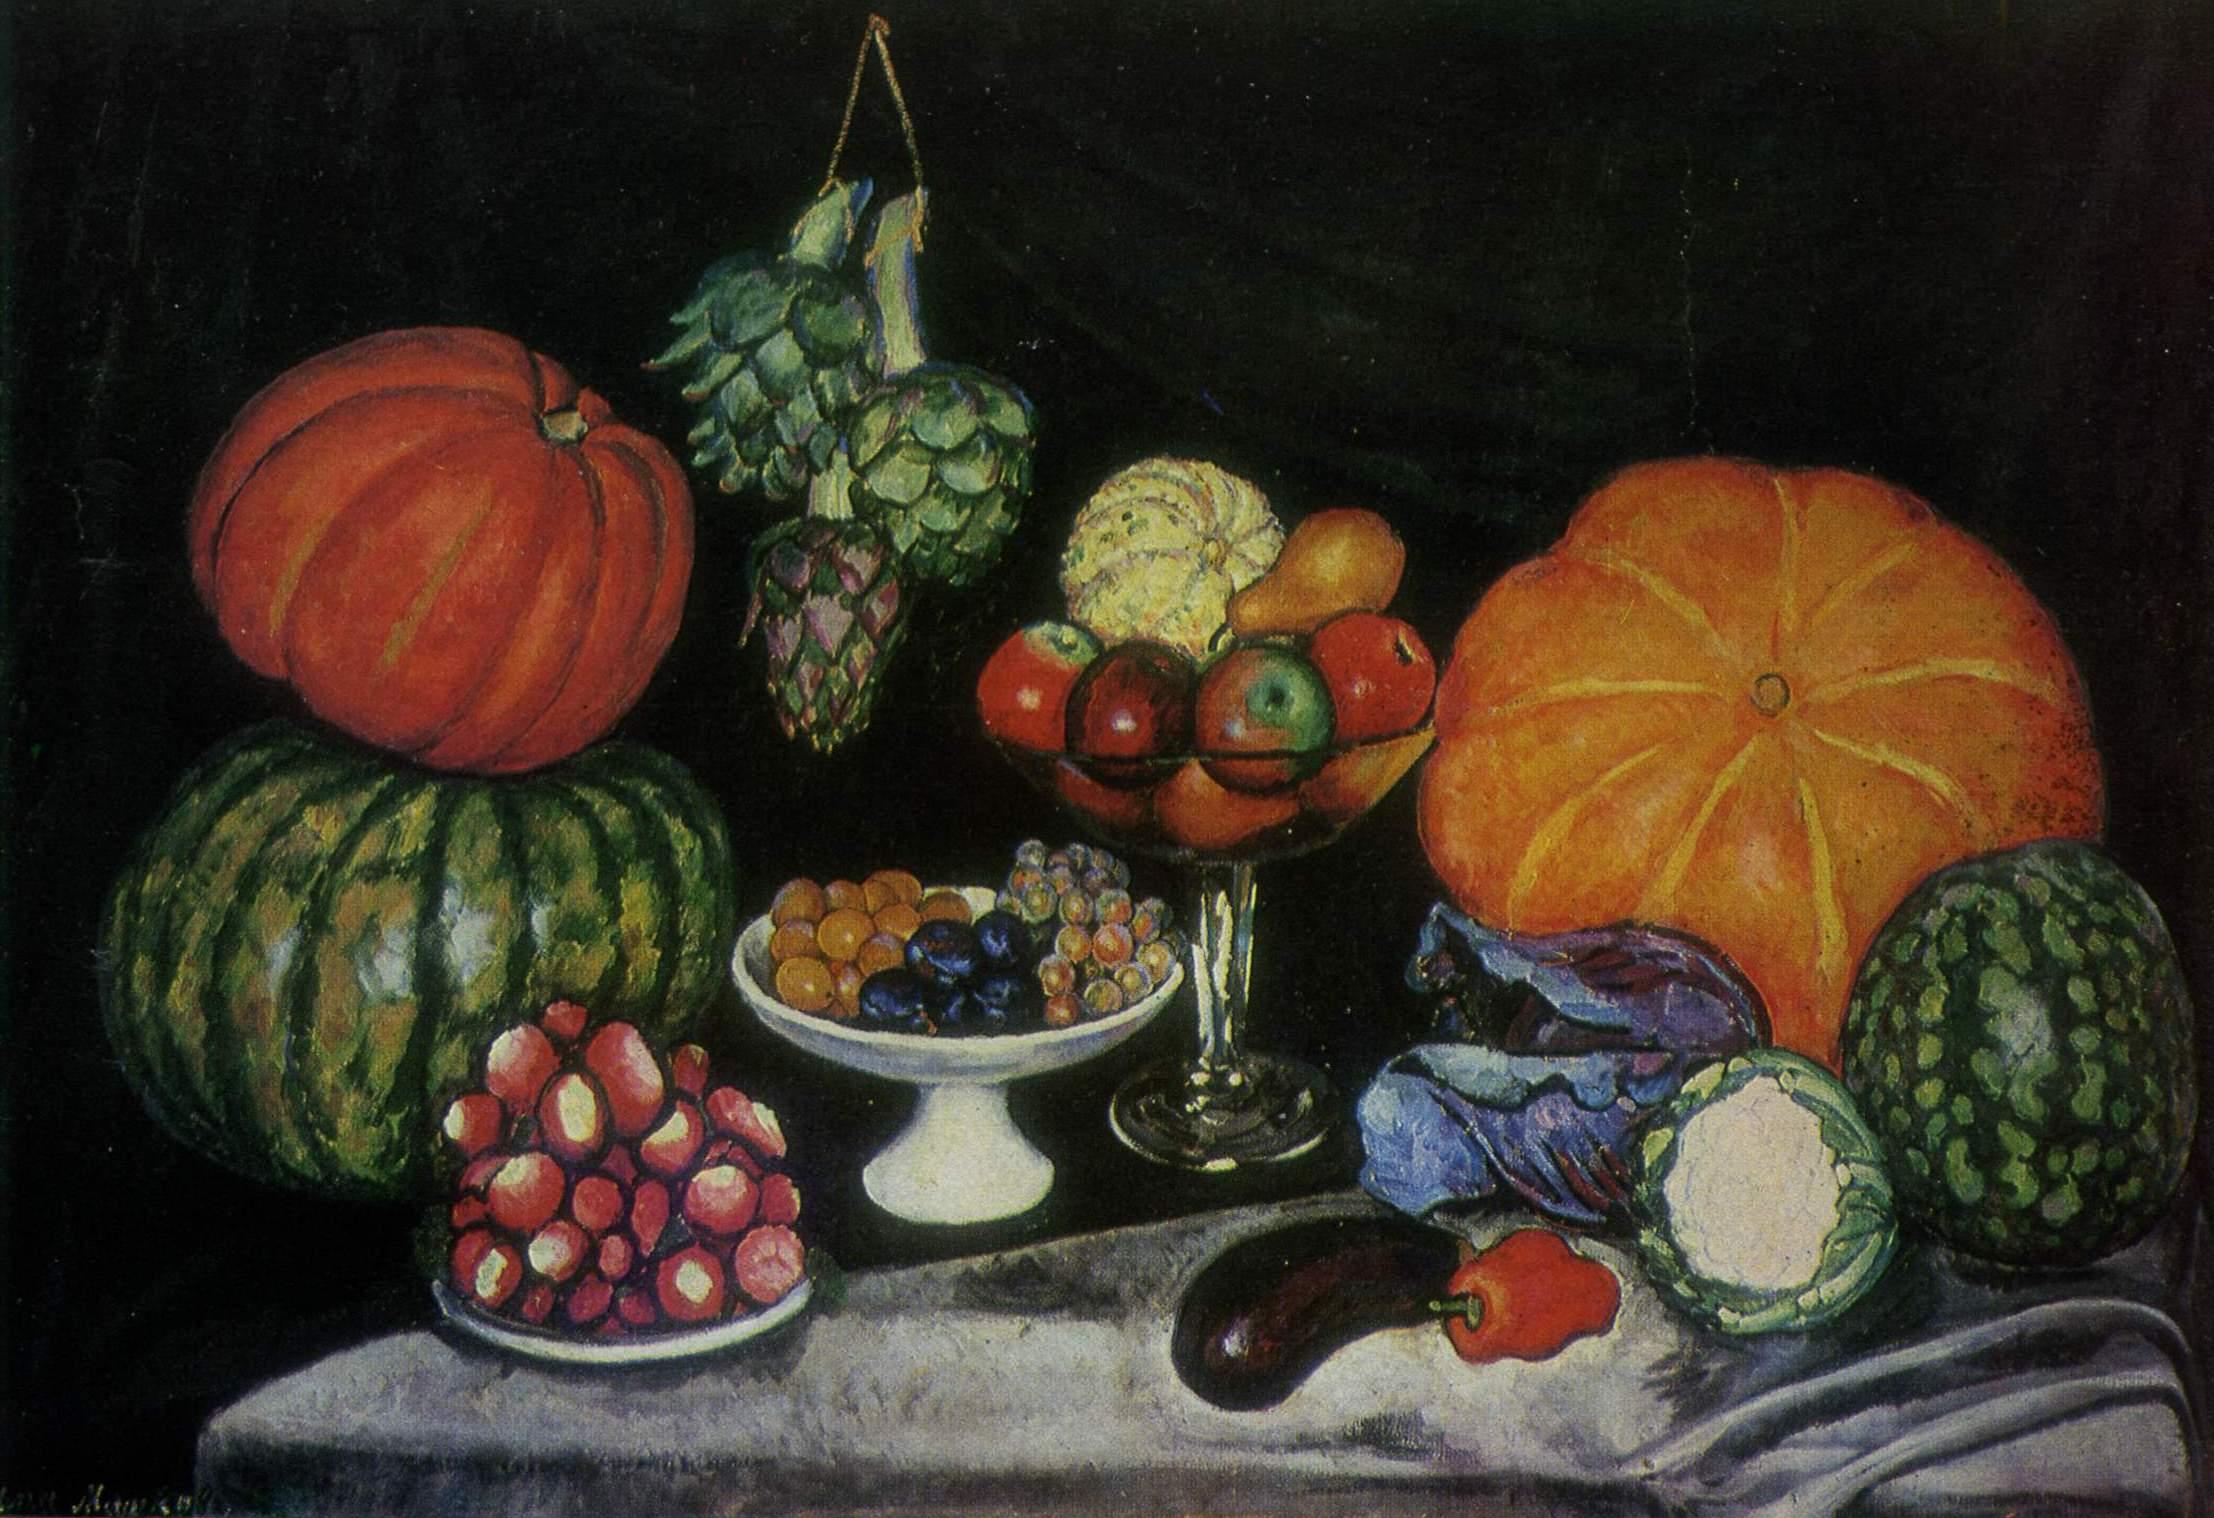 蔬菜_Vegetables-伊利亚·马什科夫